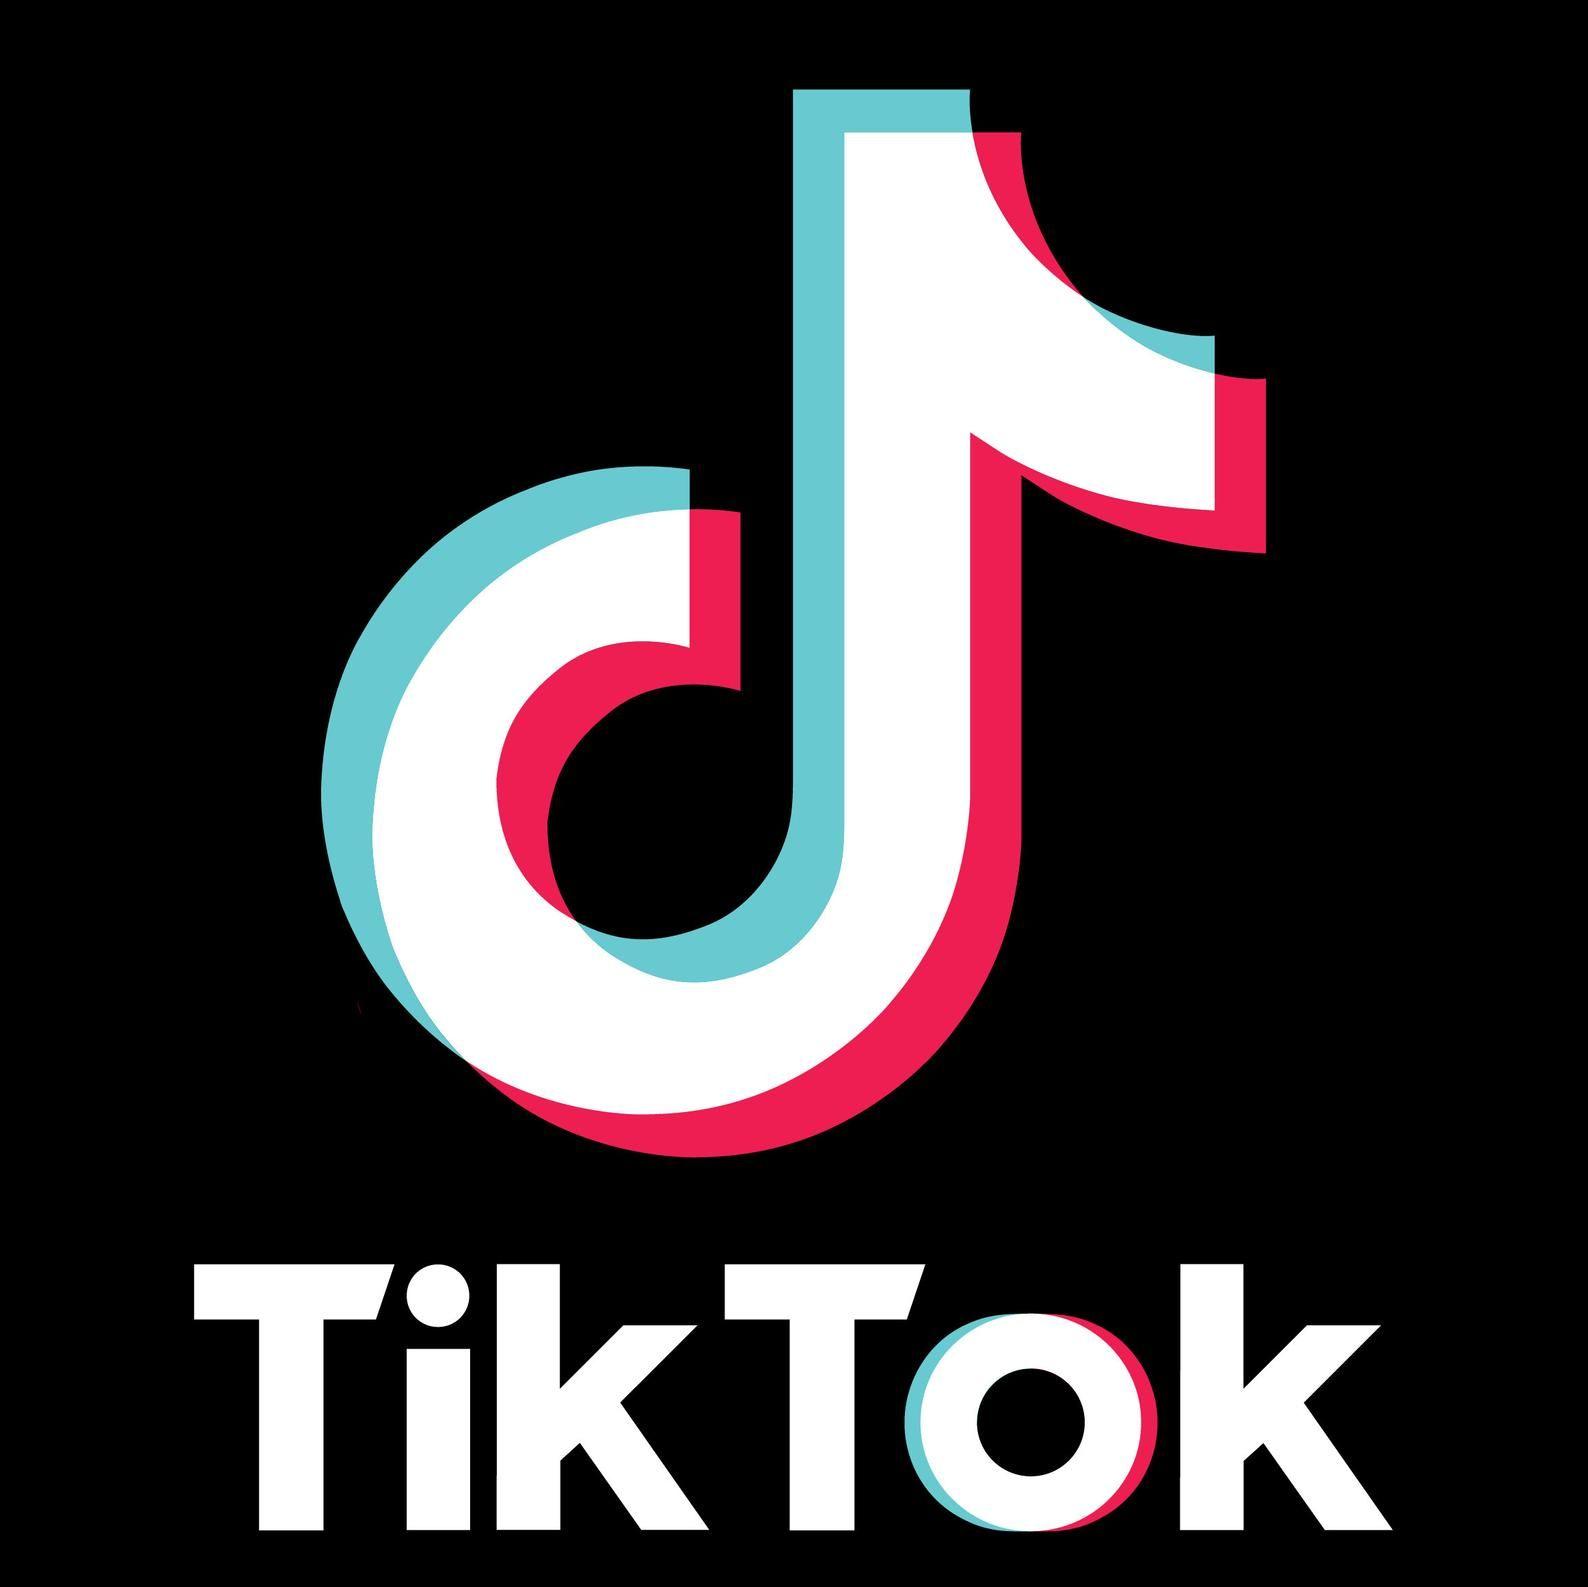 Tiktok Logo Sticker Vinyl Decal Etsy In 2021 Social Media Apps Logo Sticker Social Media Games